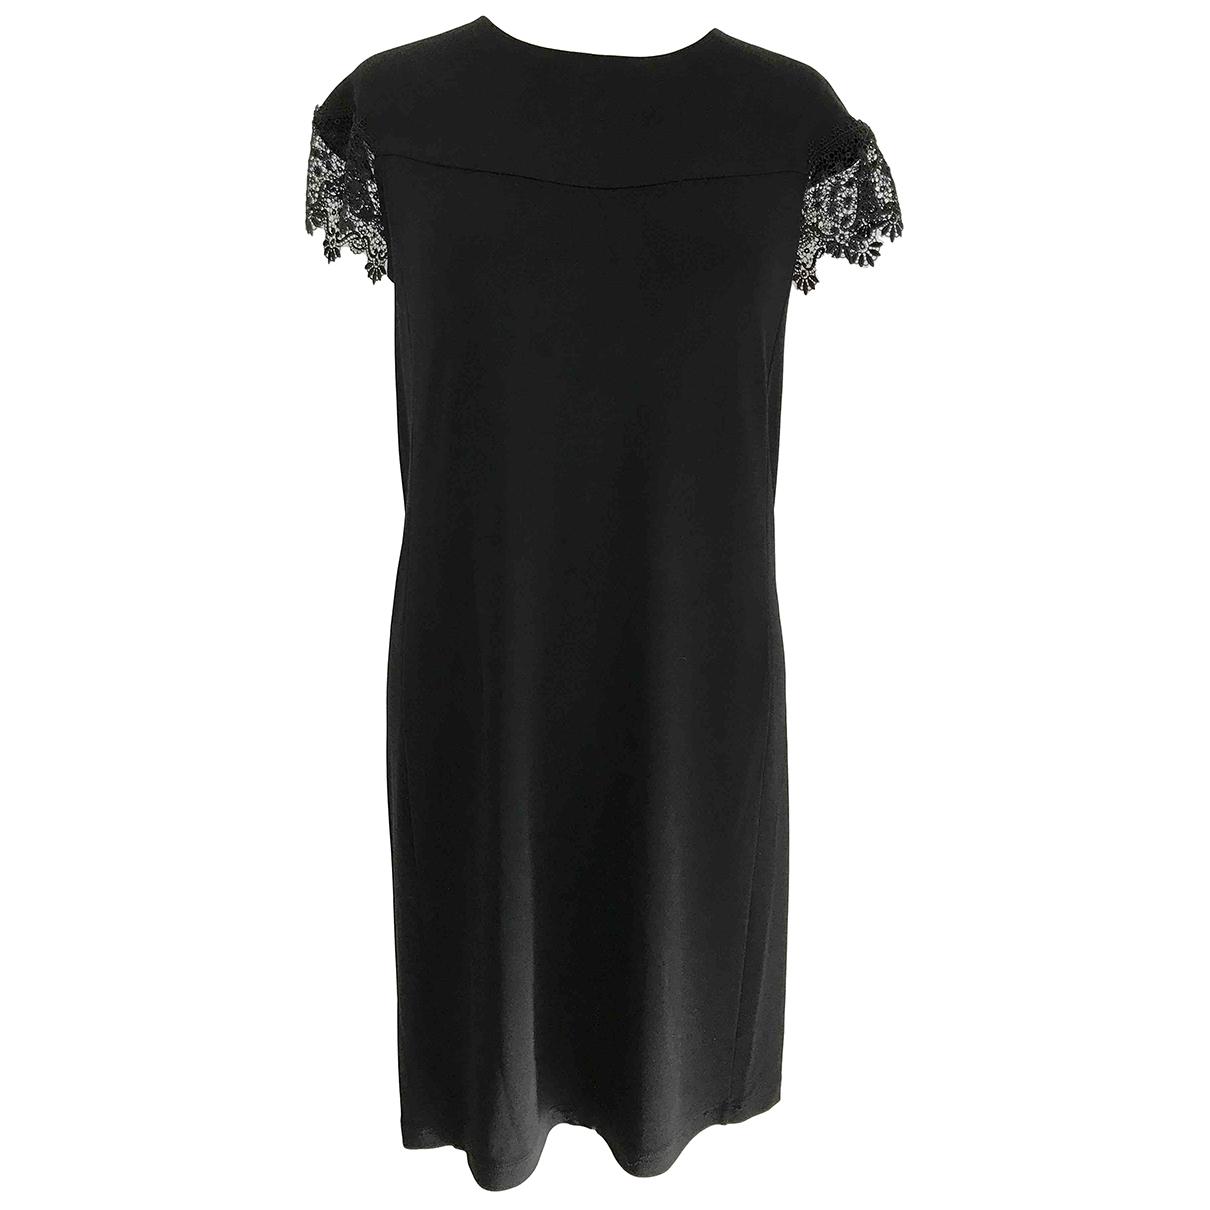 Louise Kennedy \N Black dress for Women S International